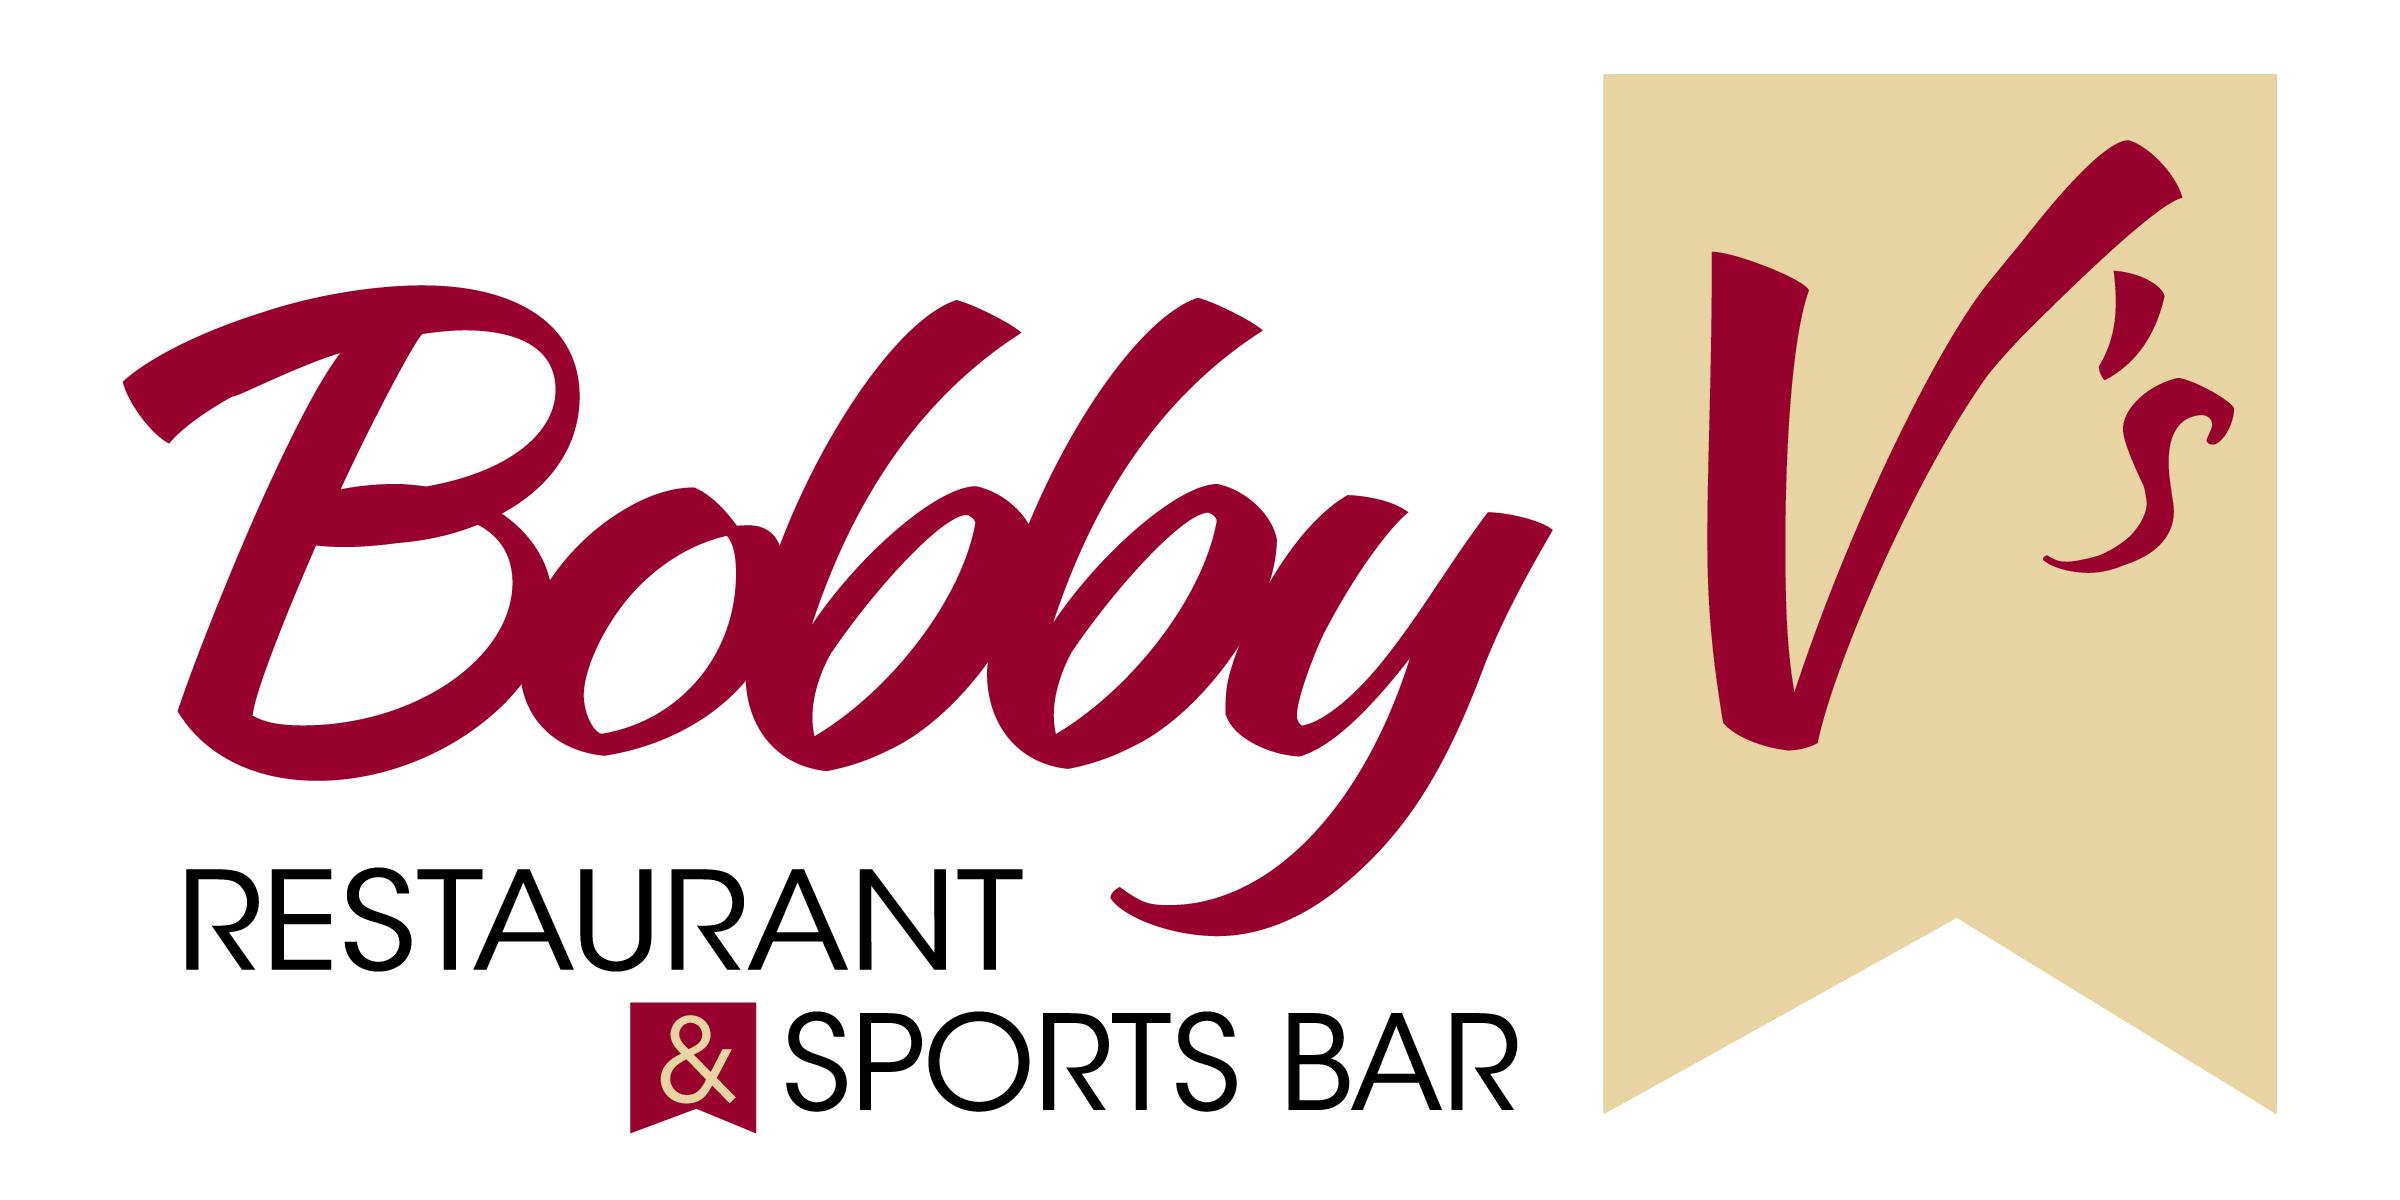 BobbyVsLogo.jpg